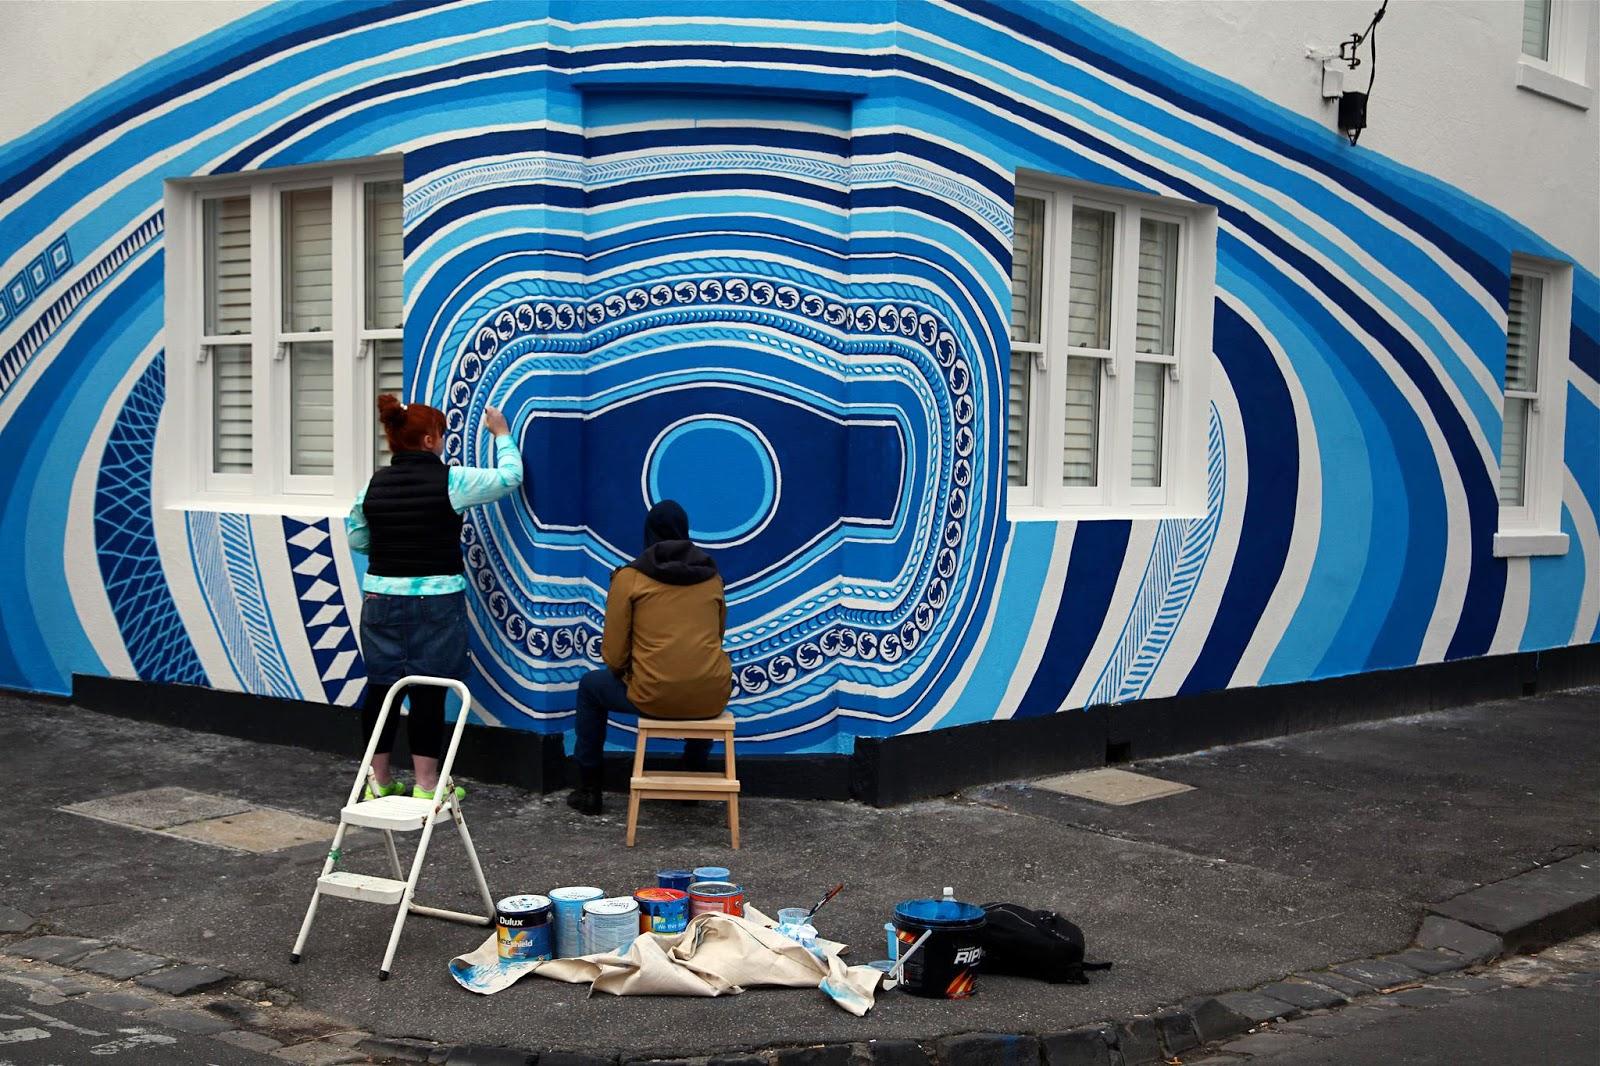 Lucas grogan new mural in fitzroy australia for Australian mural